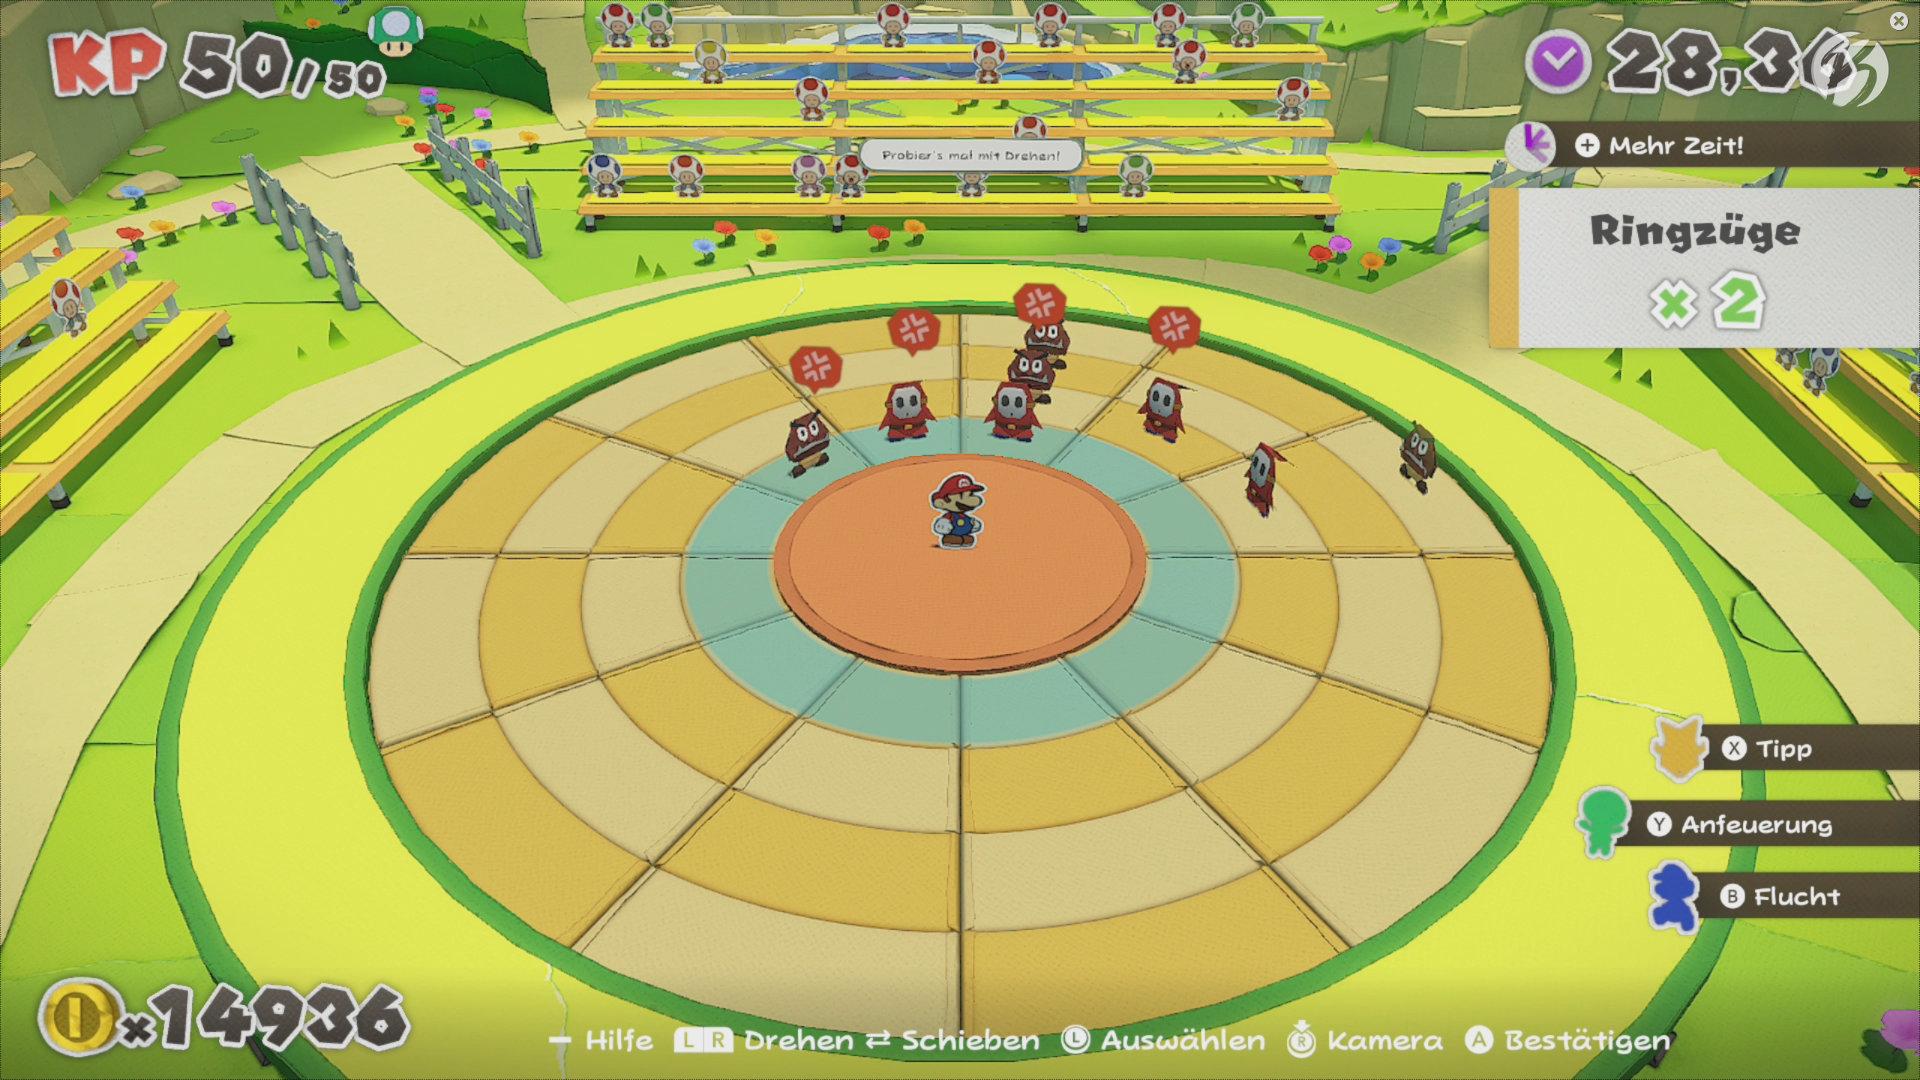 Paper Mario: The Origami King - Zu Spielbeginn sind die Zuschauerränge noch schwach besetzt.